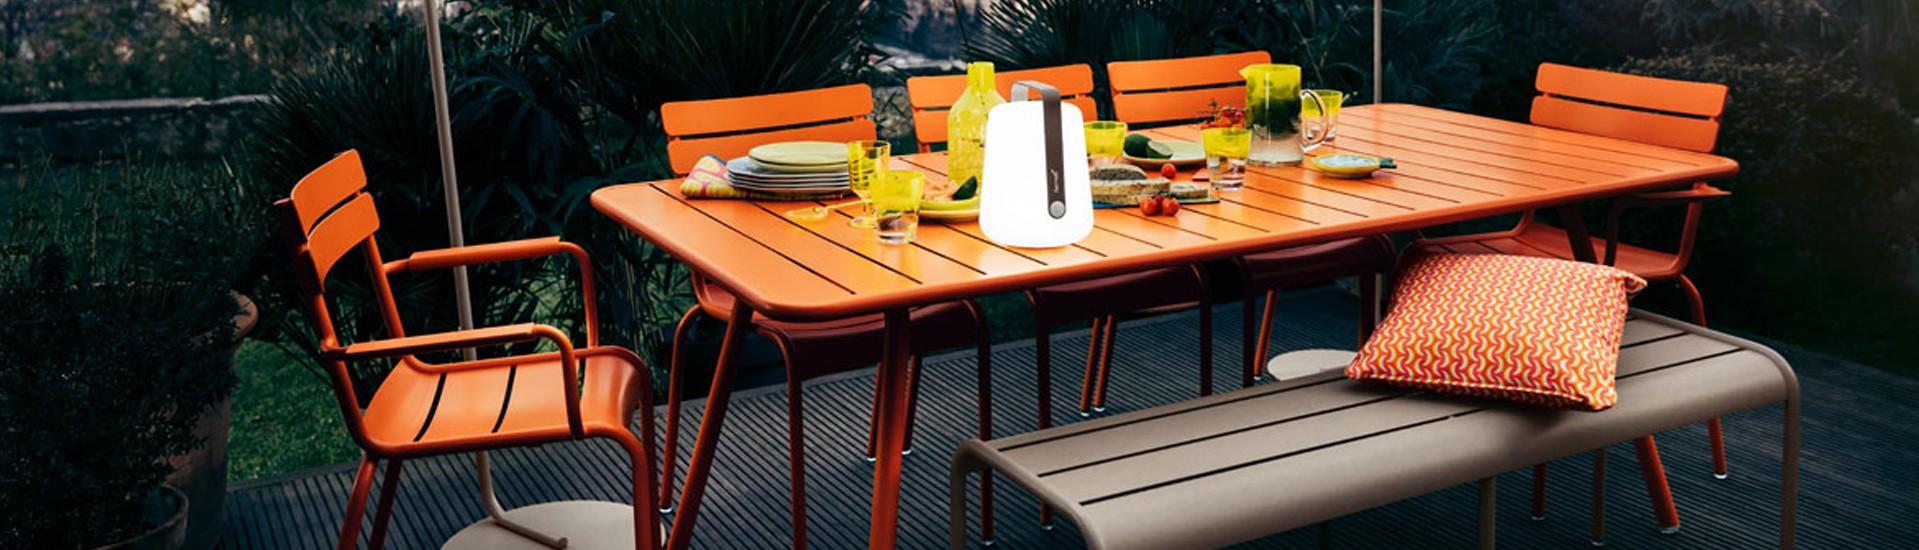 Portaix Loisirs, votre mobilier outdoor